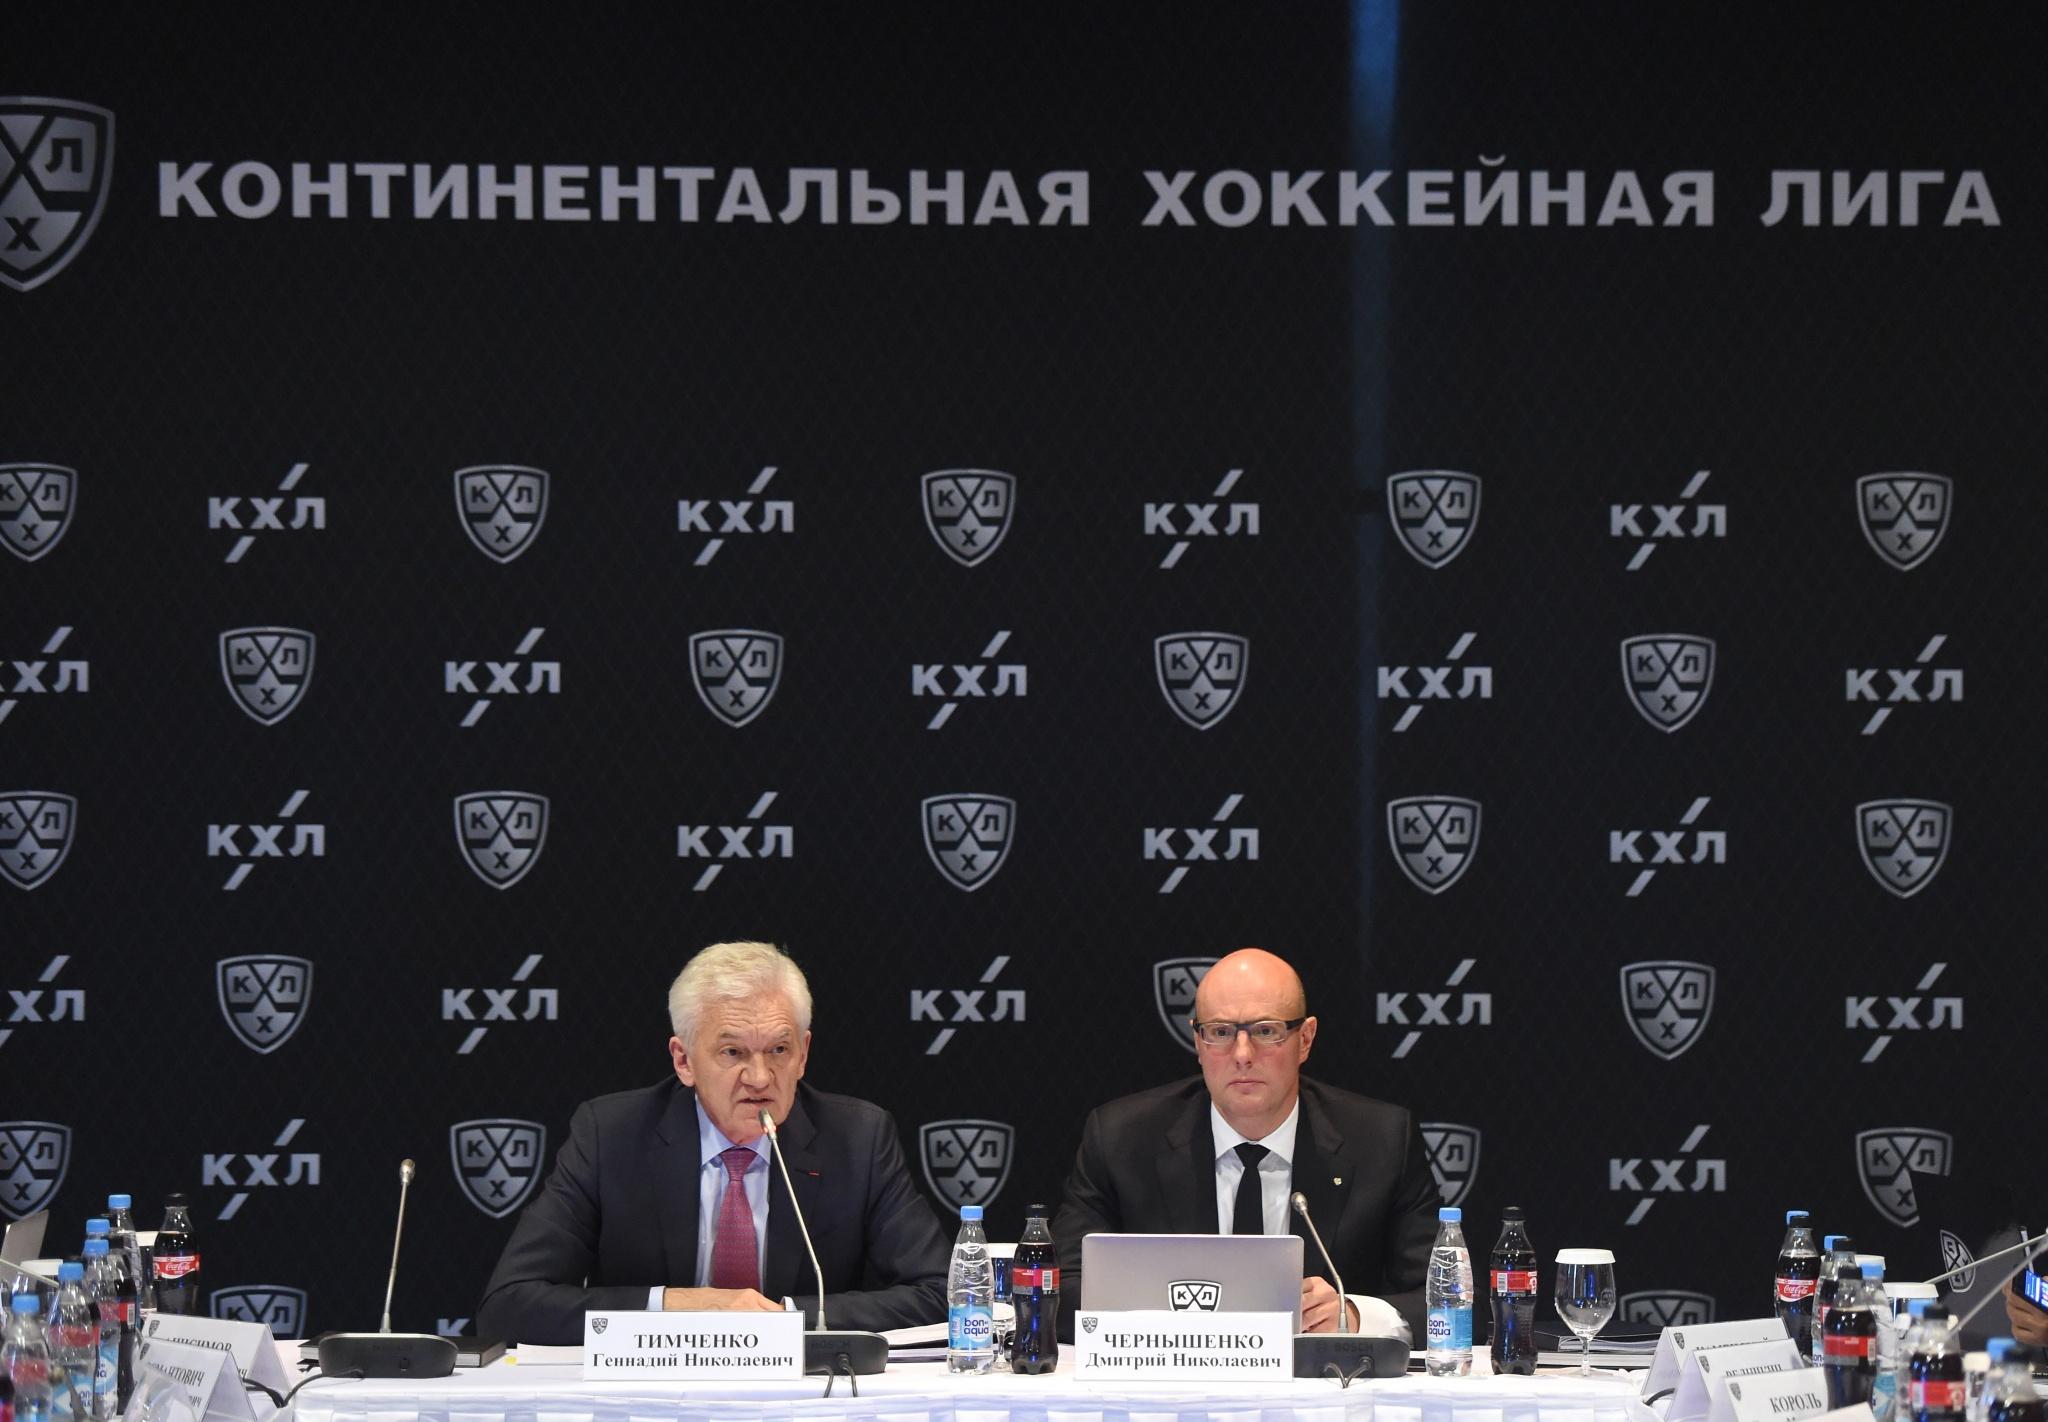 Утвержден состав участников чемпионата КХЛ 2017/2018